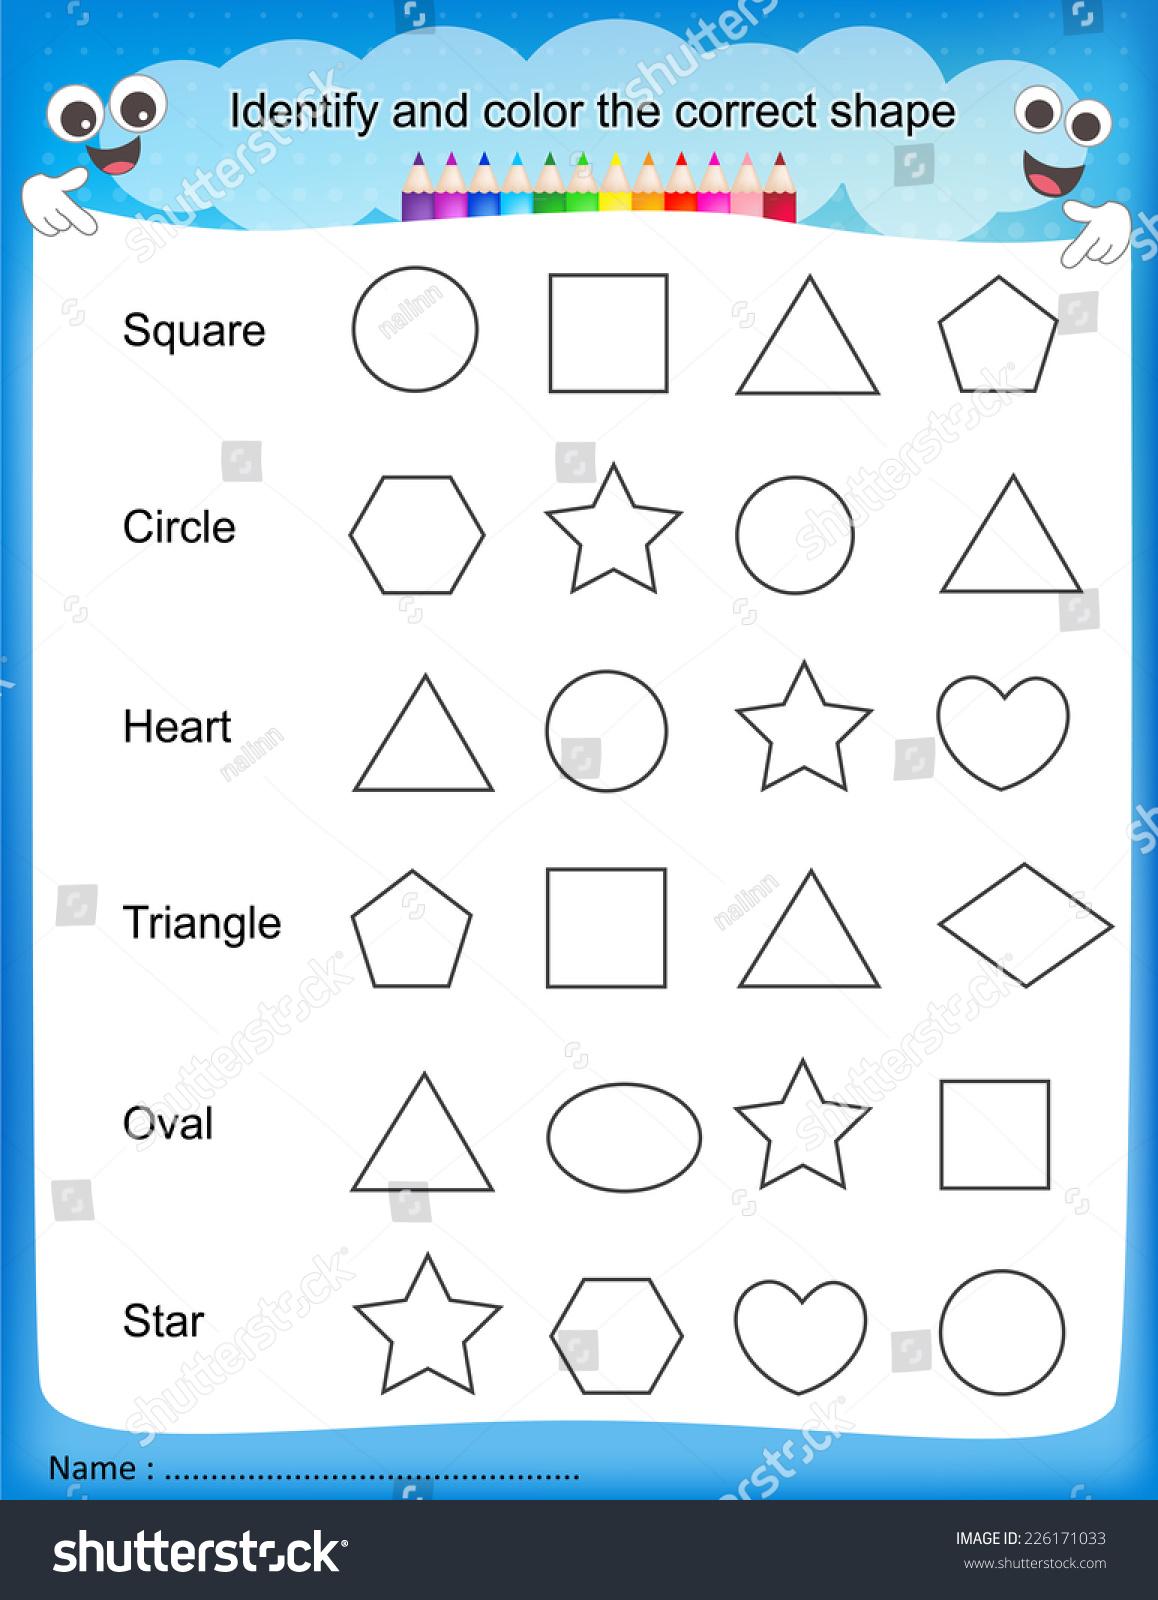 Color worksheets kindergarten - Color Worksheets Kindergarten 18